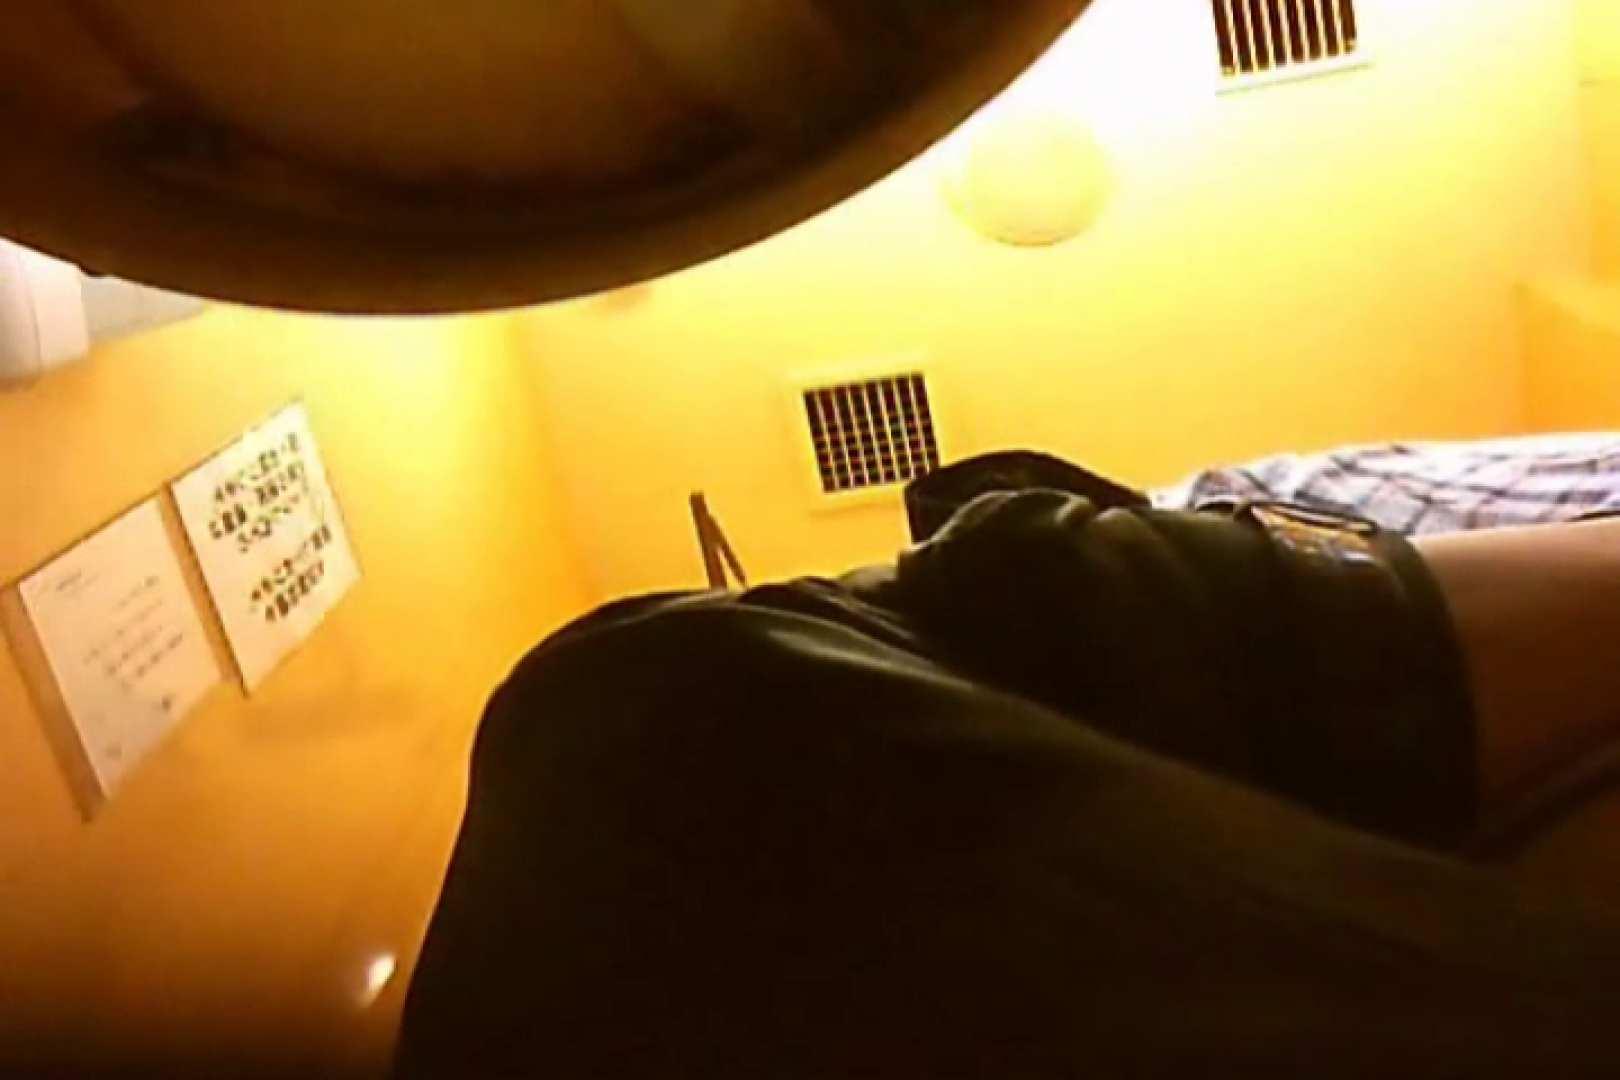 SEASON 3rd!掴み取りさんの洗面所覗き!in新幹線!VOL.09 完全無修正でお届け | ボーイズ私服  65pic 6